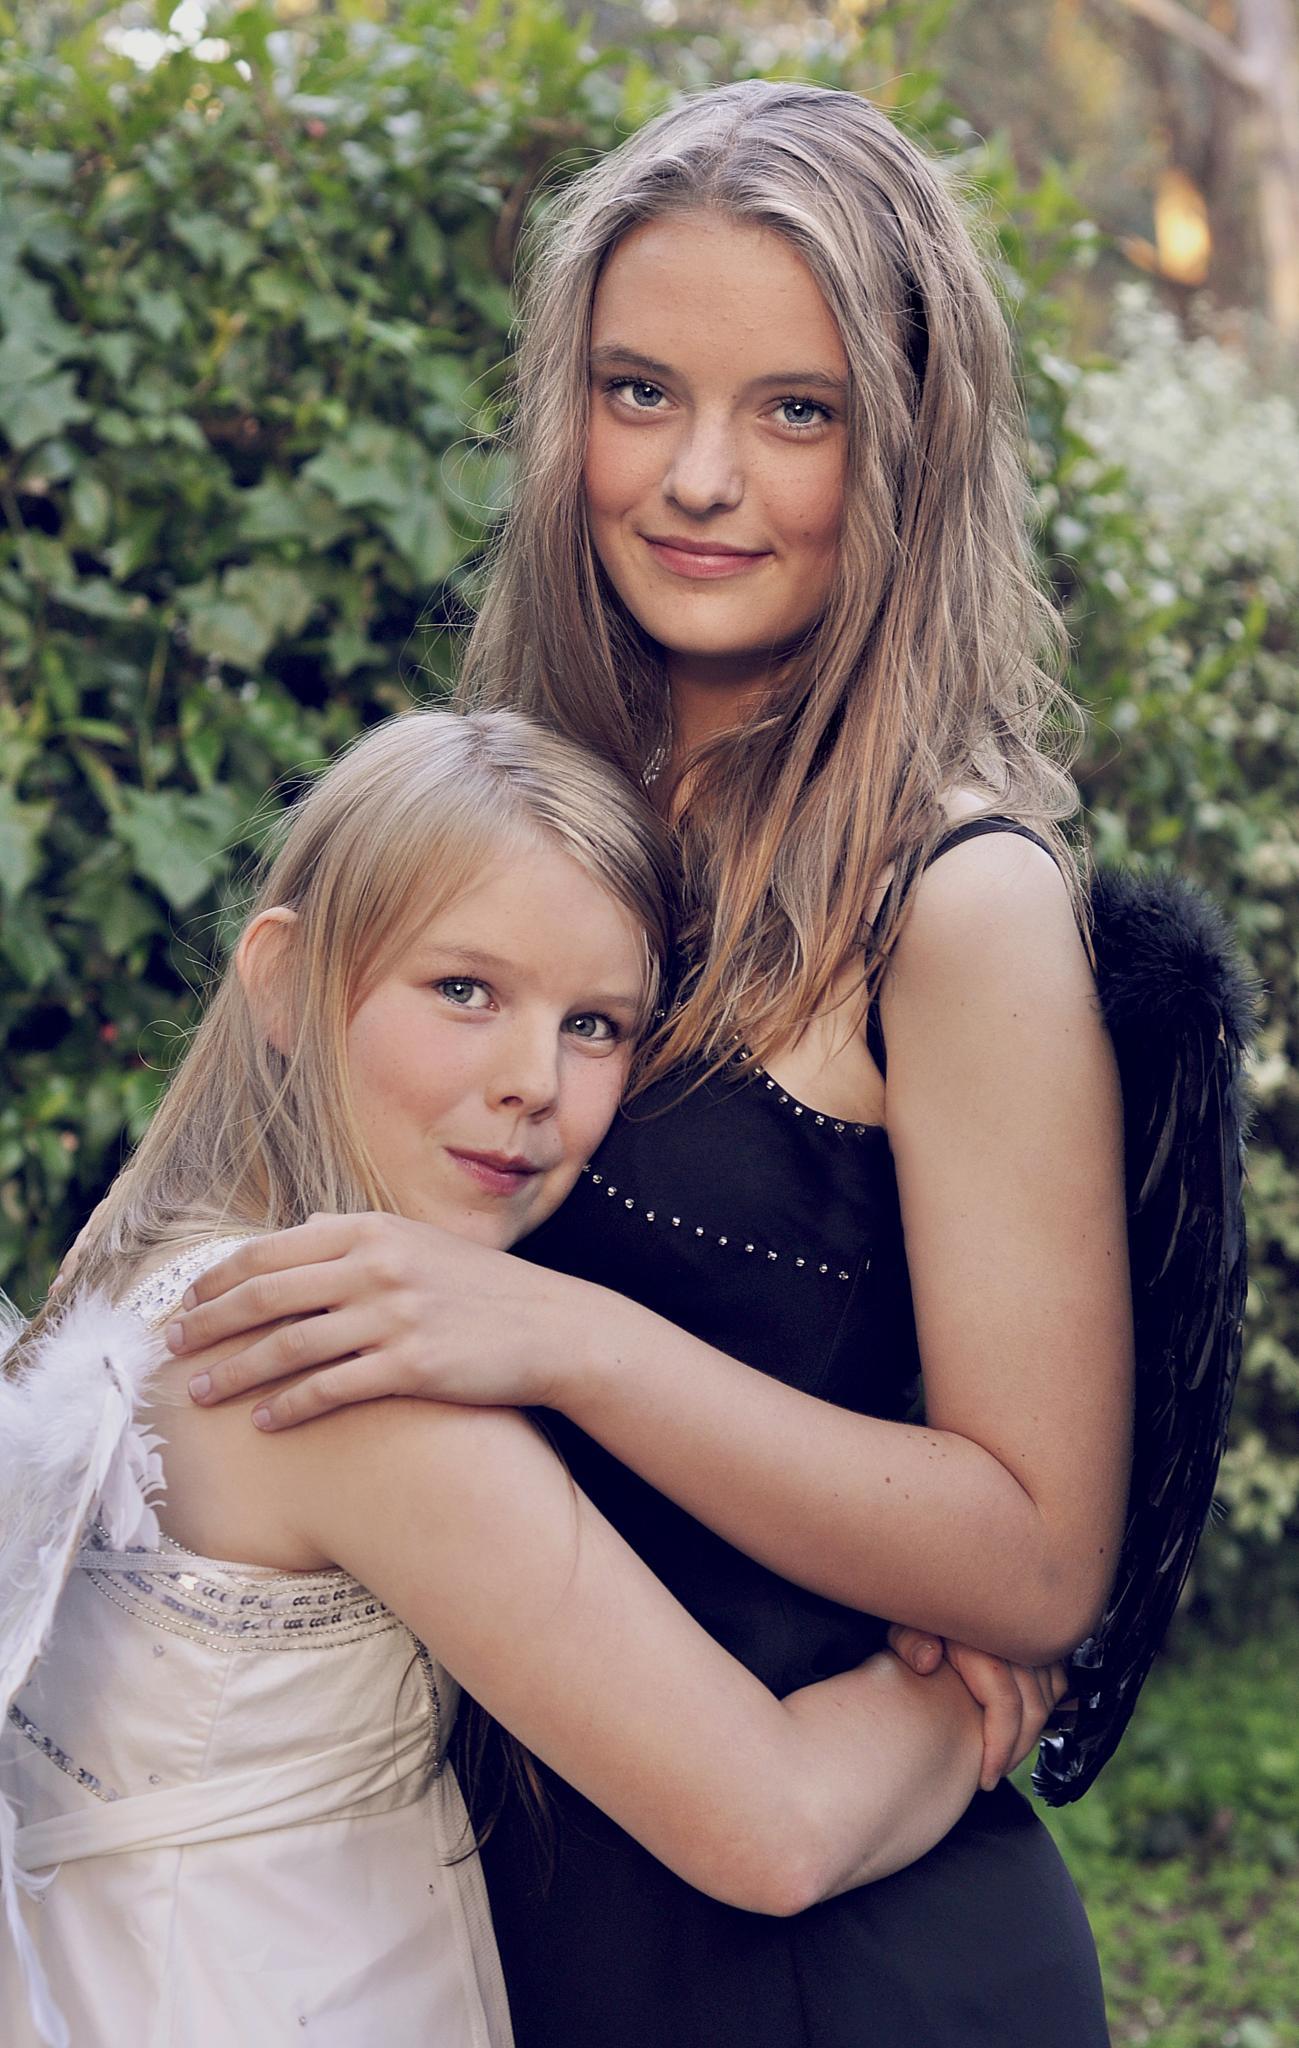 Sisters by rachelphillips100